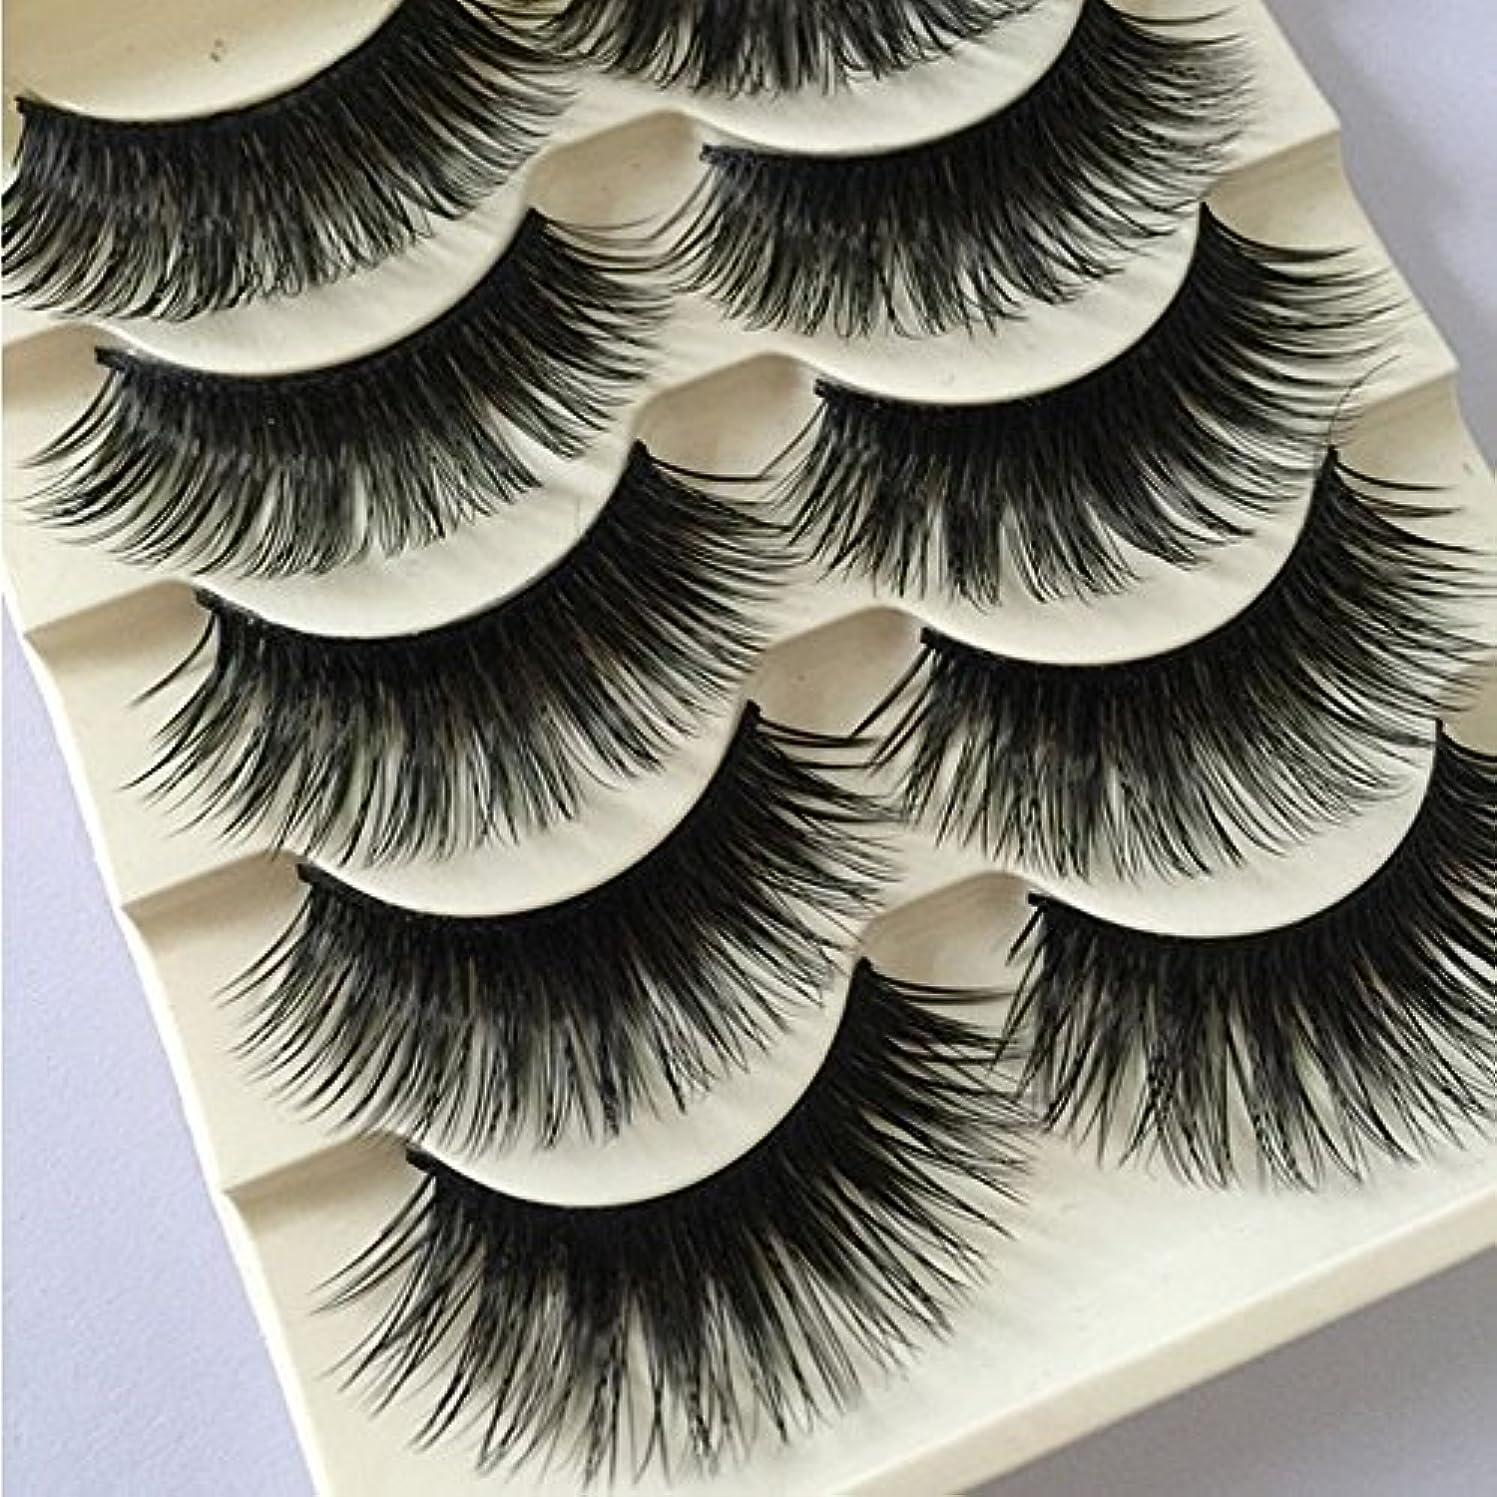 ボットみがきますアベニュー5 Pairs Women Fashion Natural Long Fake Eye Lashes Handmade Thick False Eyelashes Black Makeup Tool New